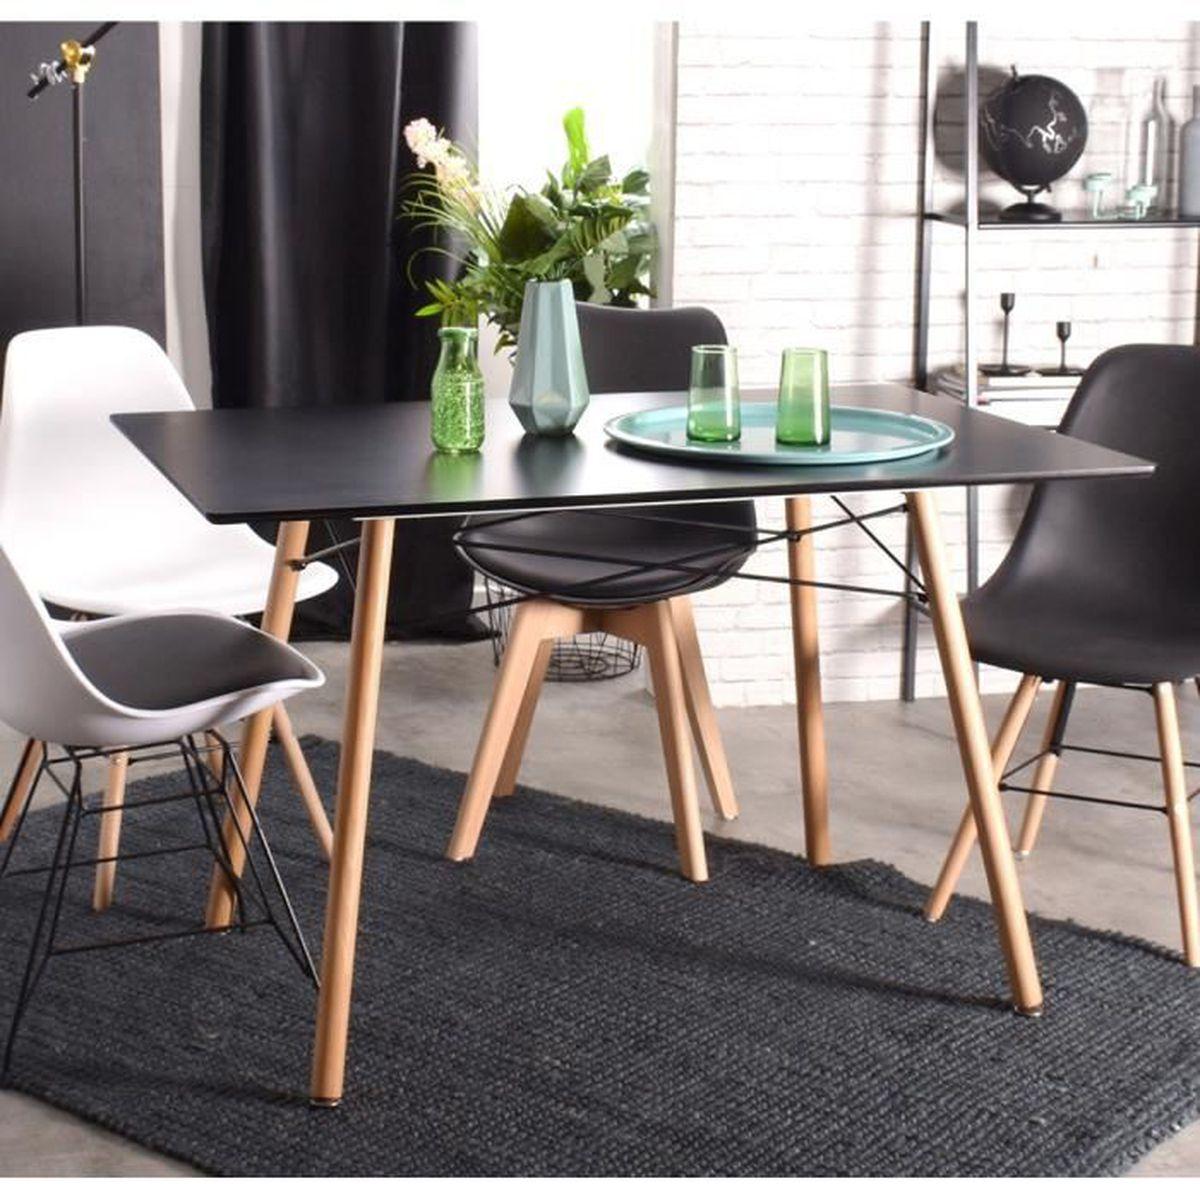 Cuisine Scandinave Blanc Et Bois table à manger 120x80x71cm blanche mdf bois scandinave